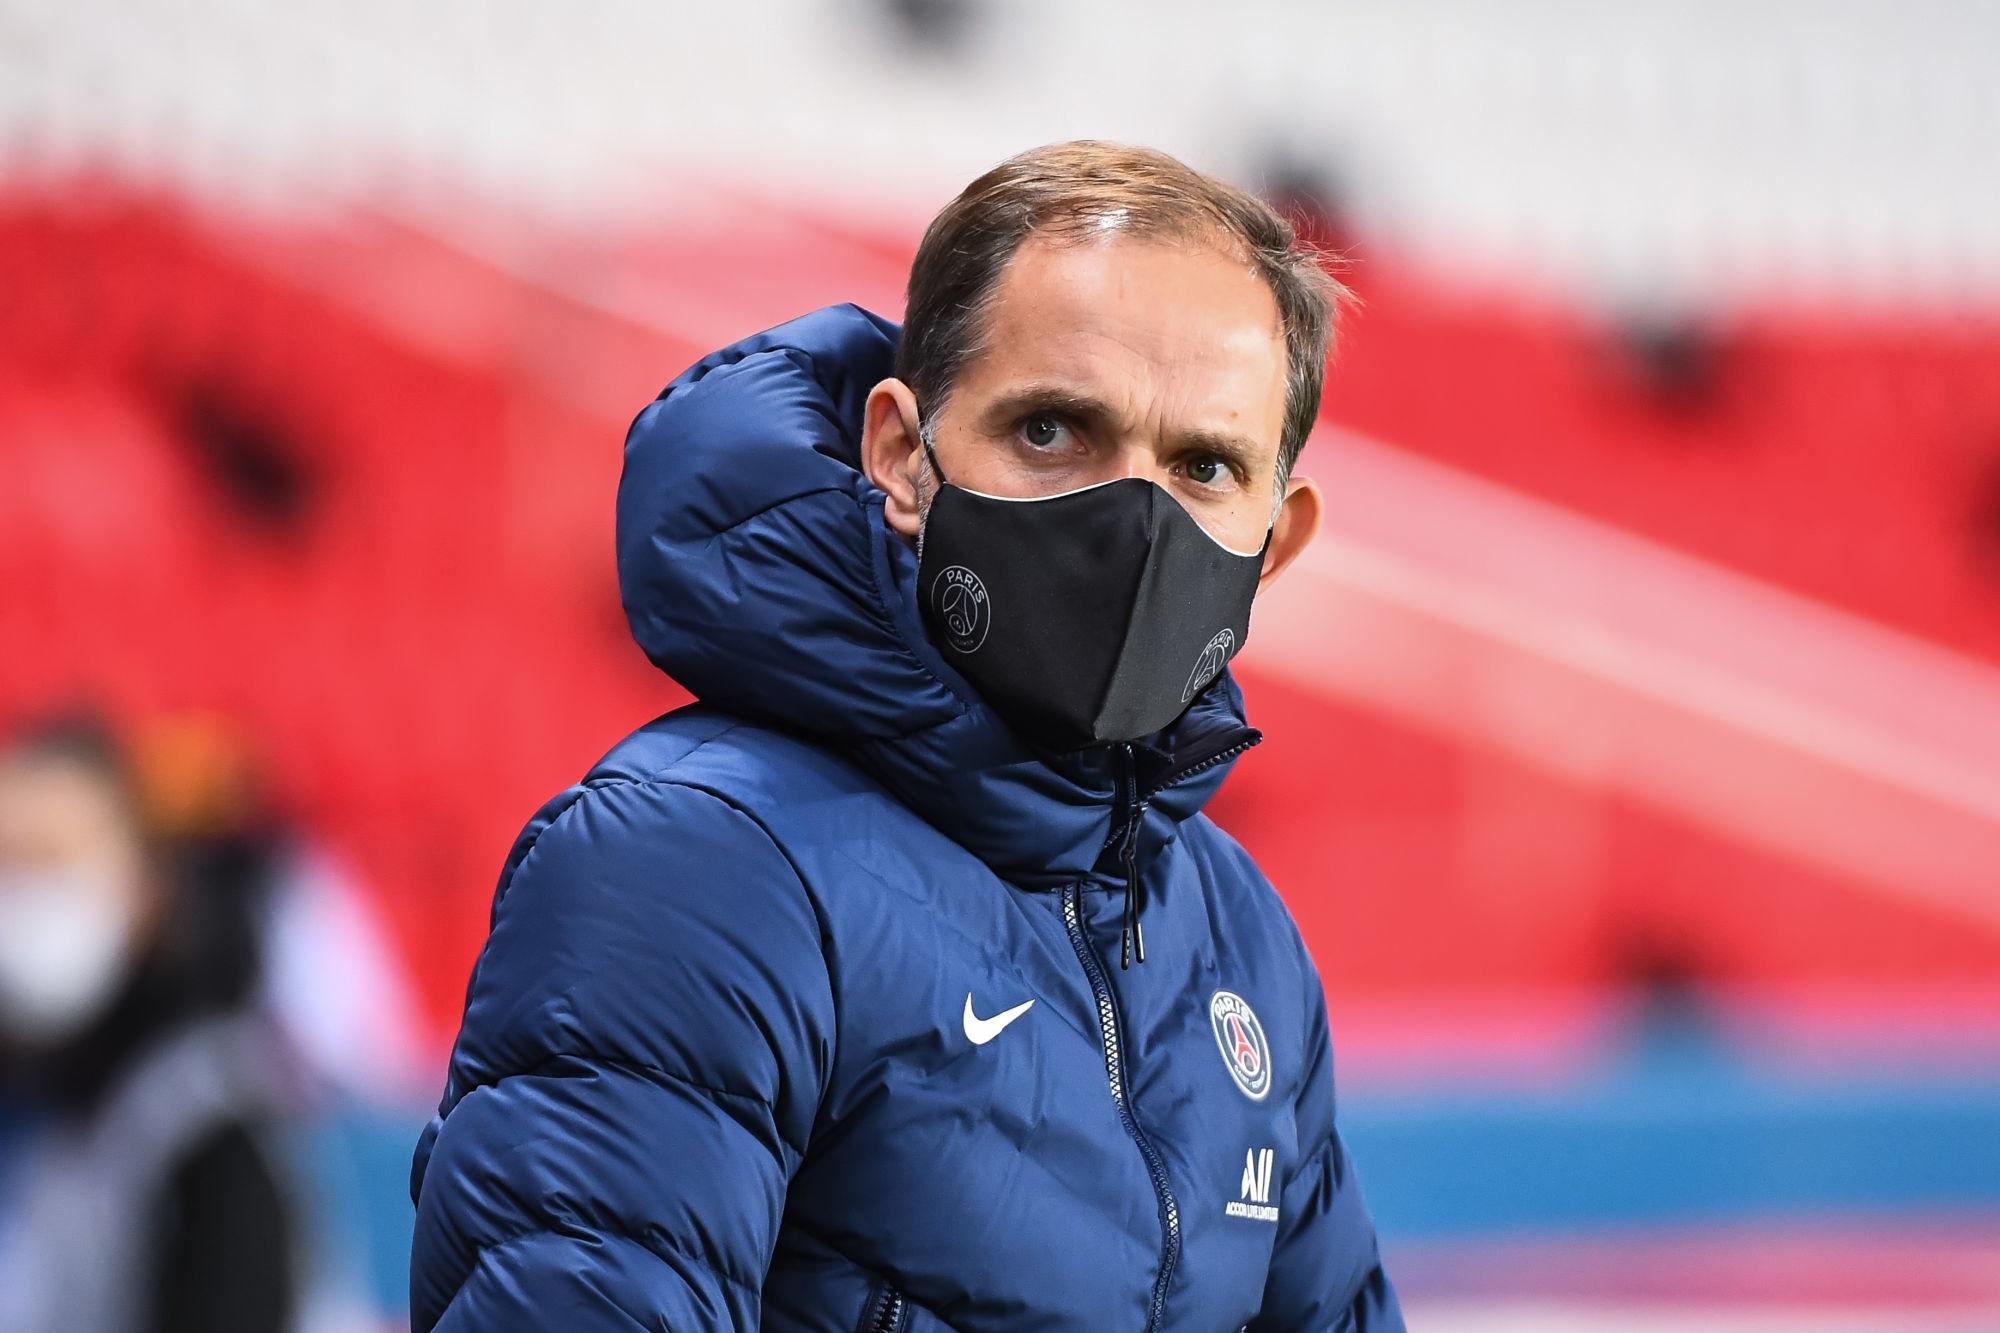 Mercato - Lampard à Chelsea c'est fini, Tuchel favori pour le remplacer